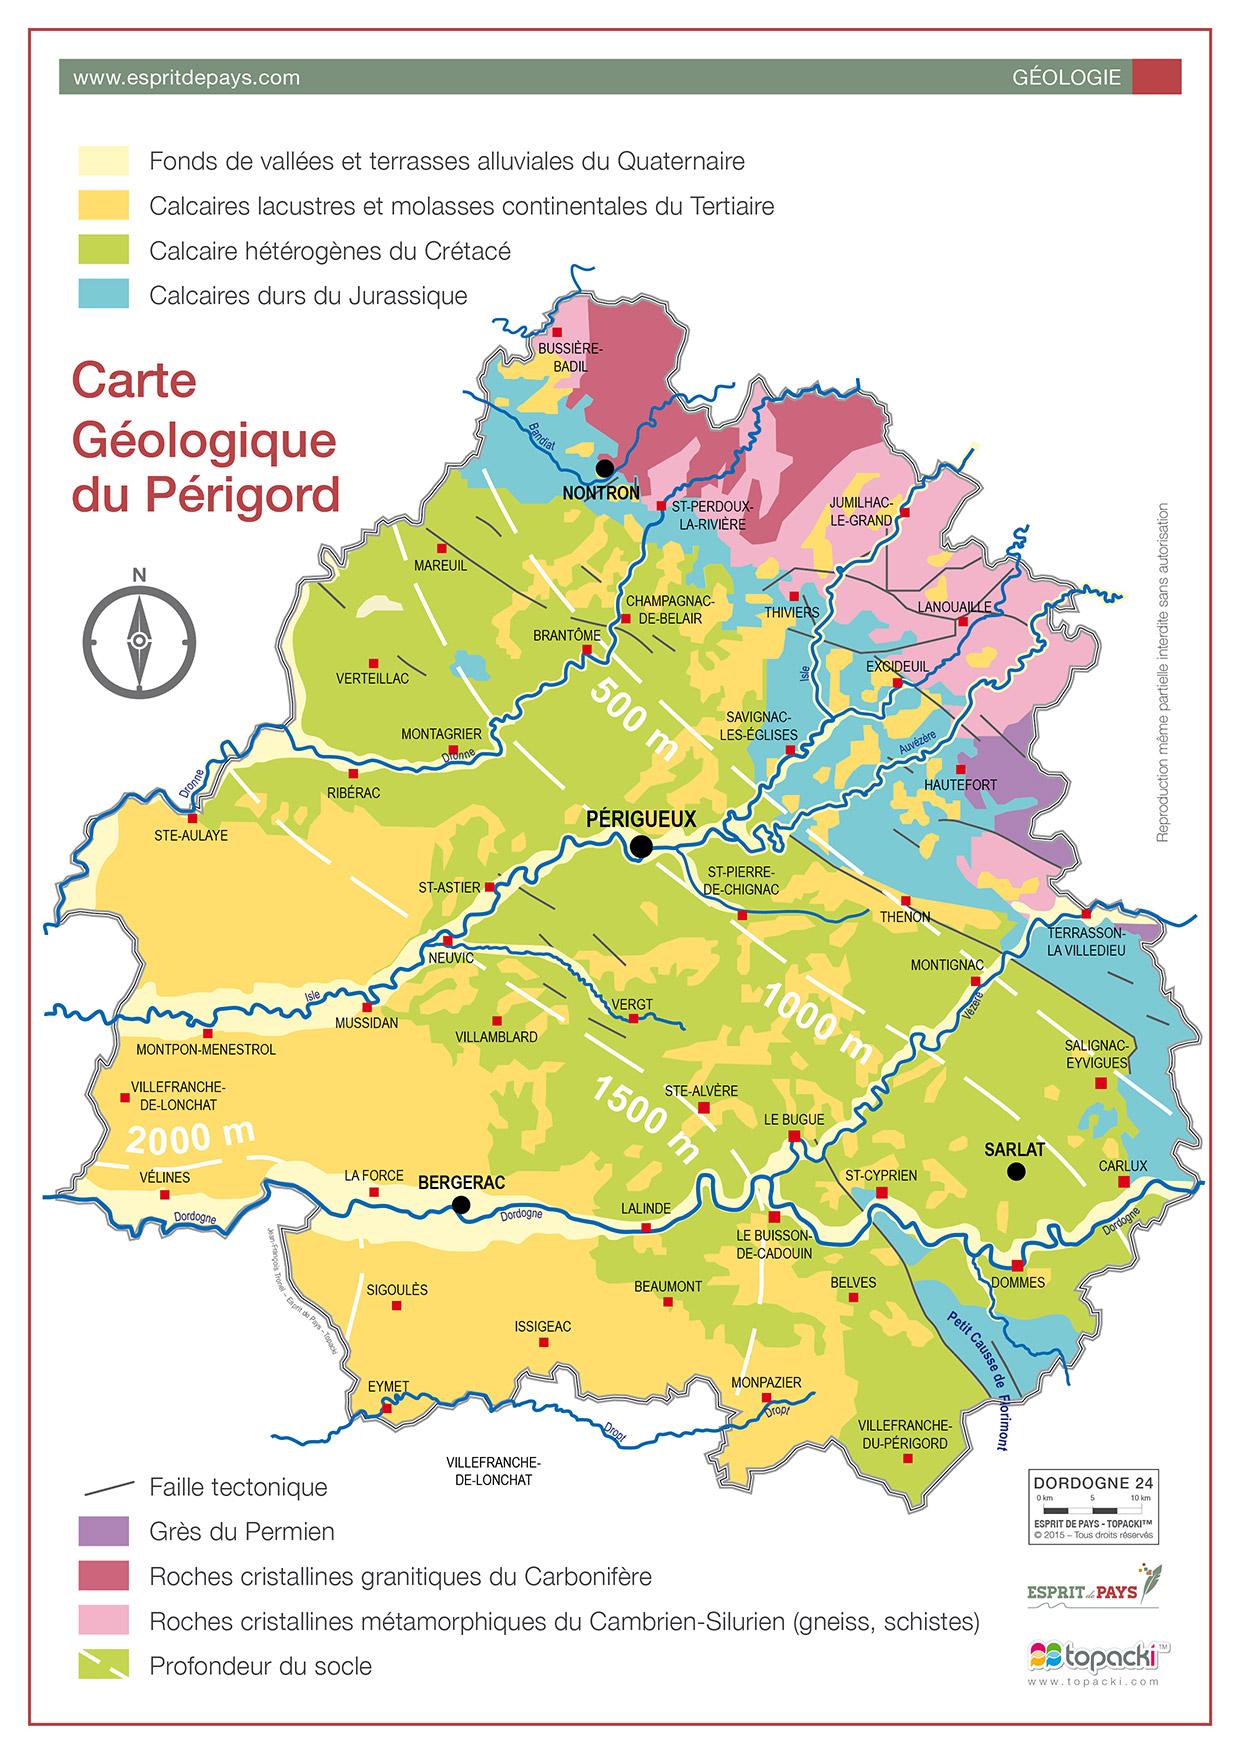 Cartographie : géologie du Périgord